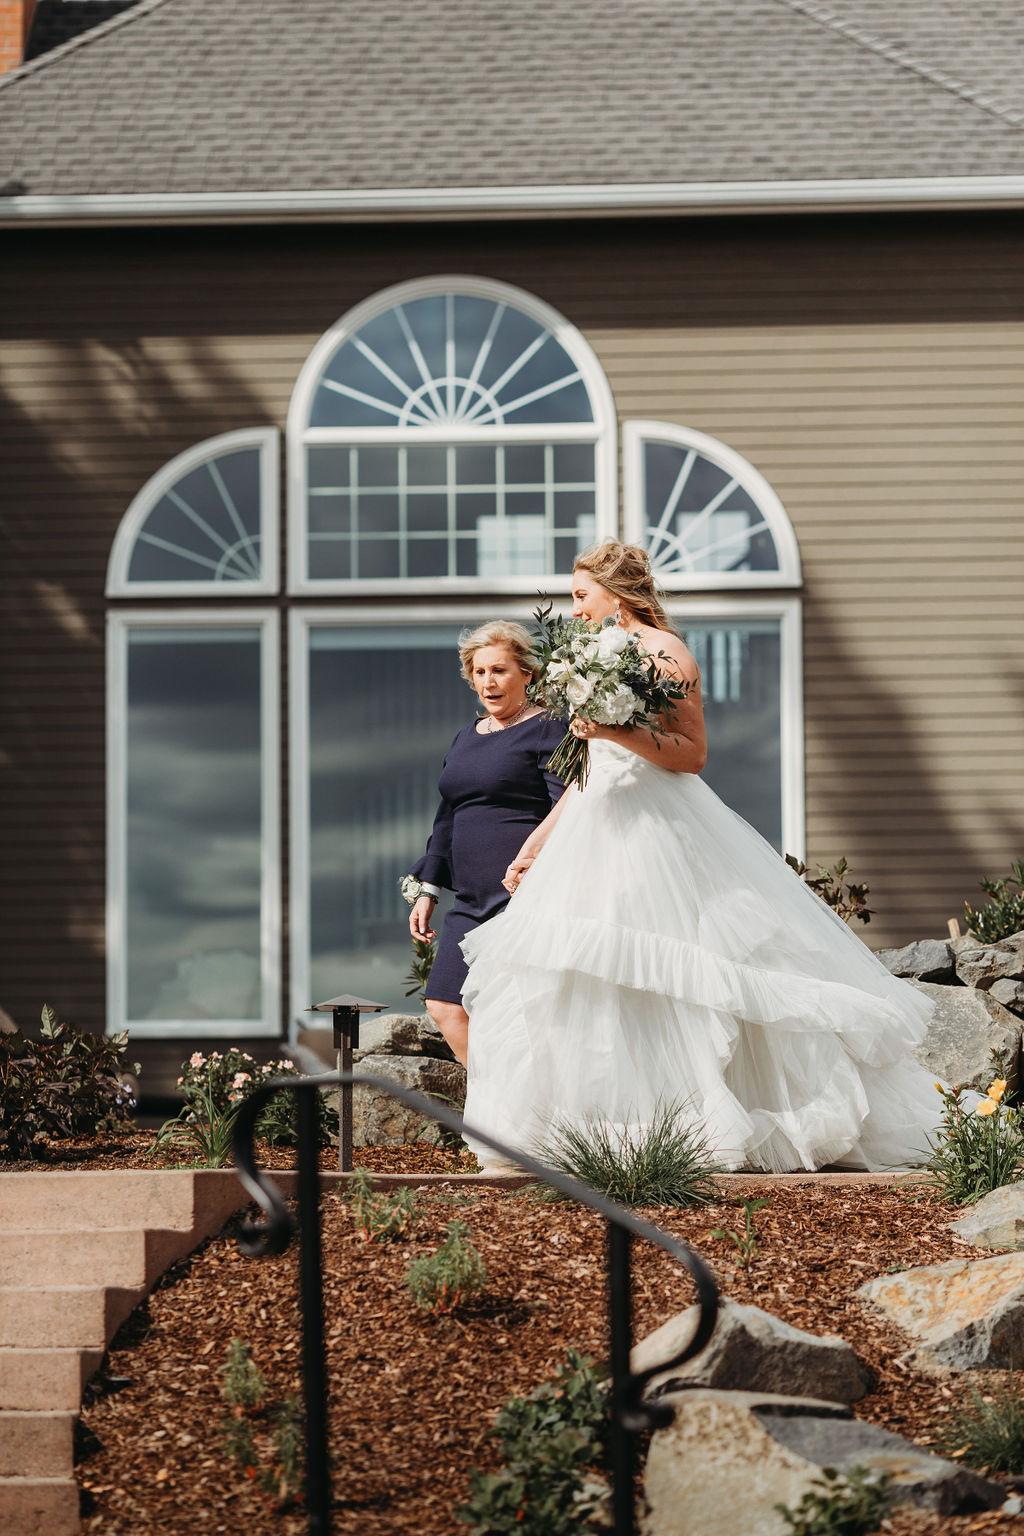 mom walking bride down the aisle spokane wedding